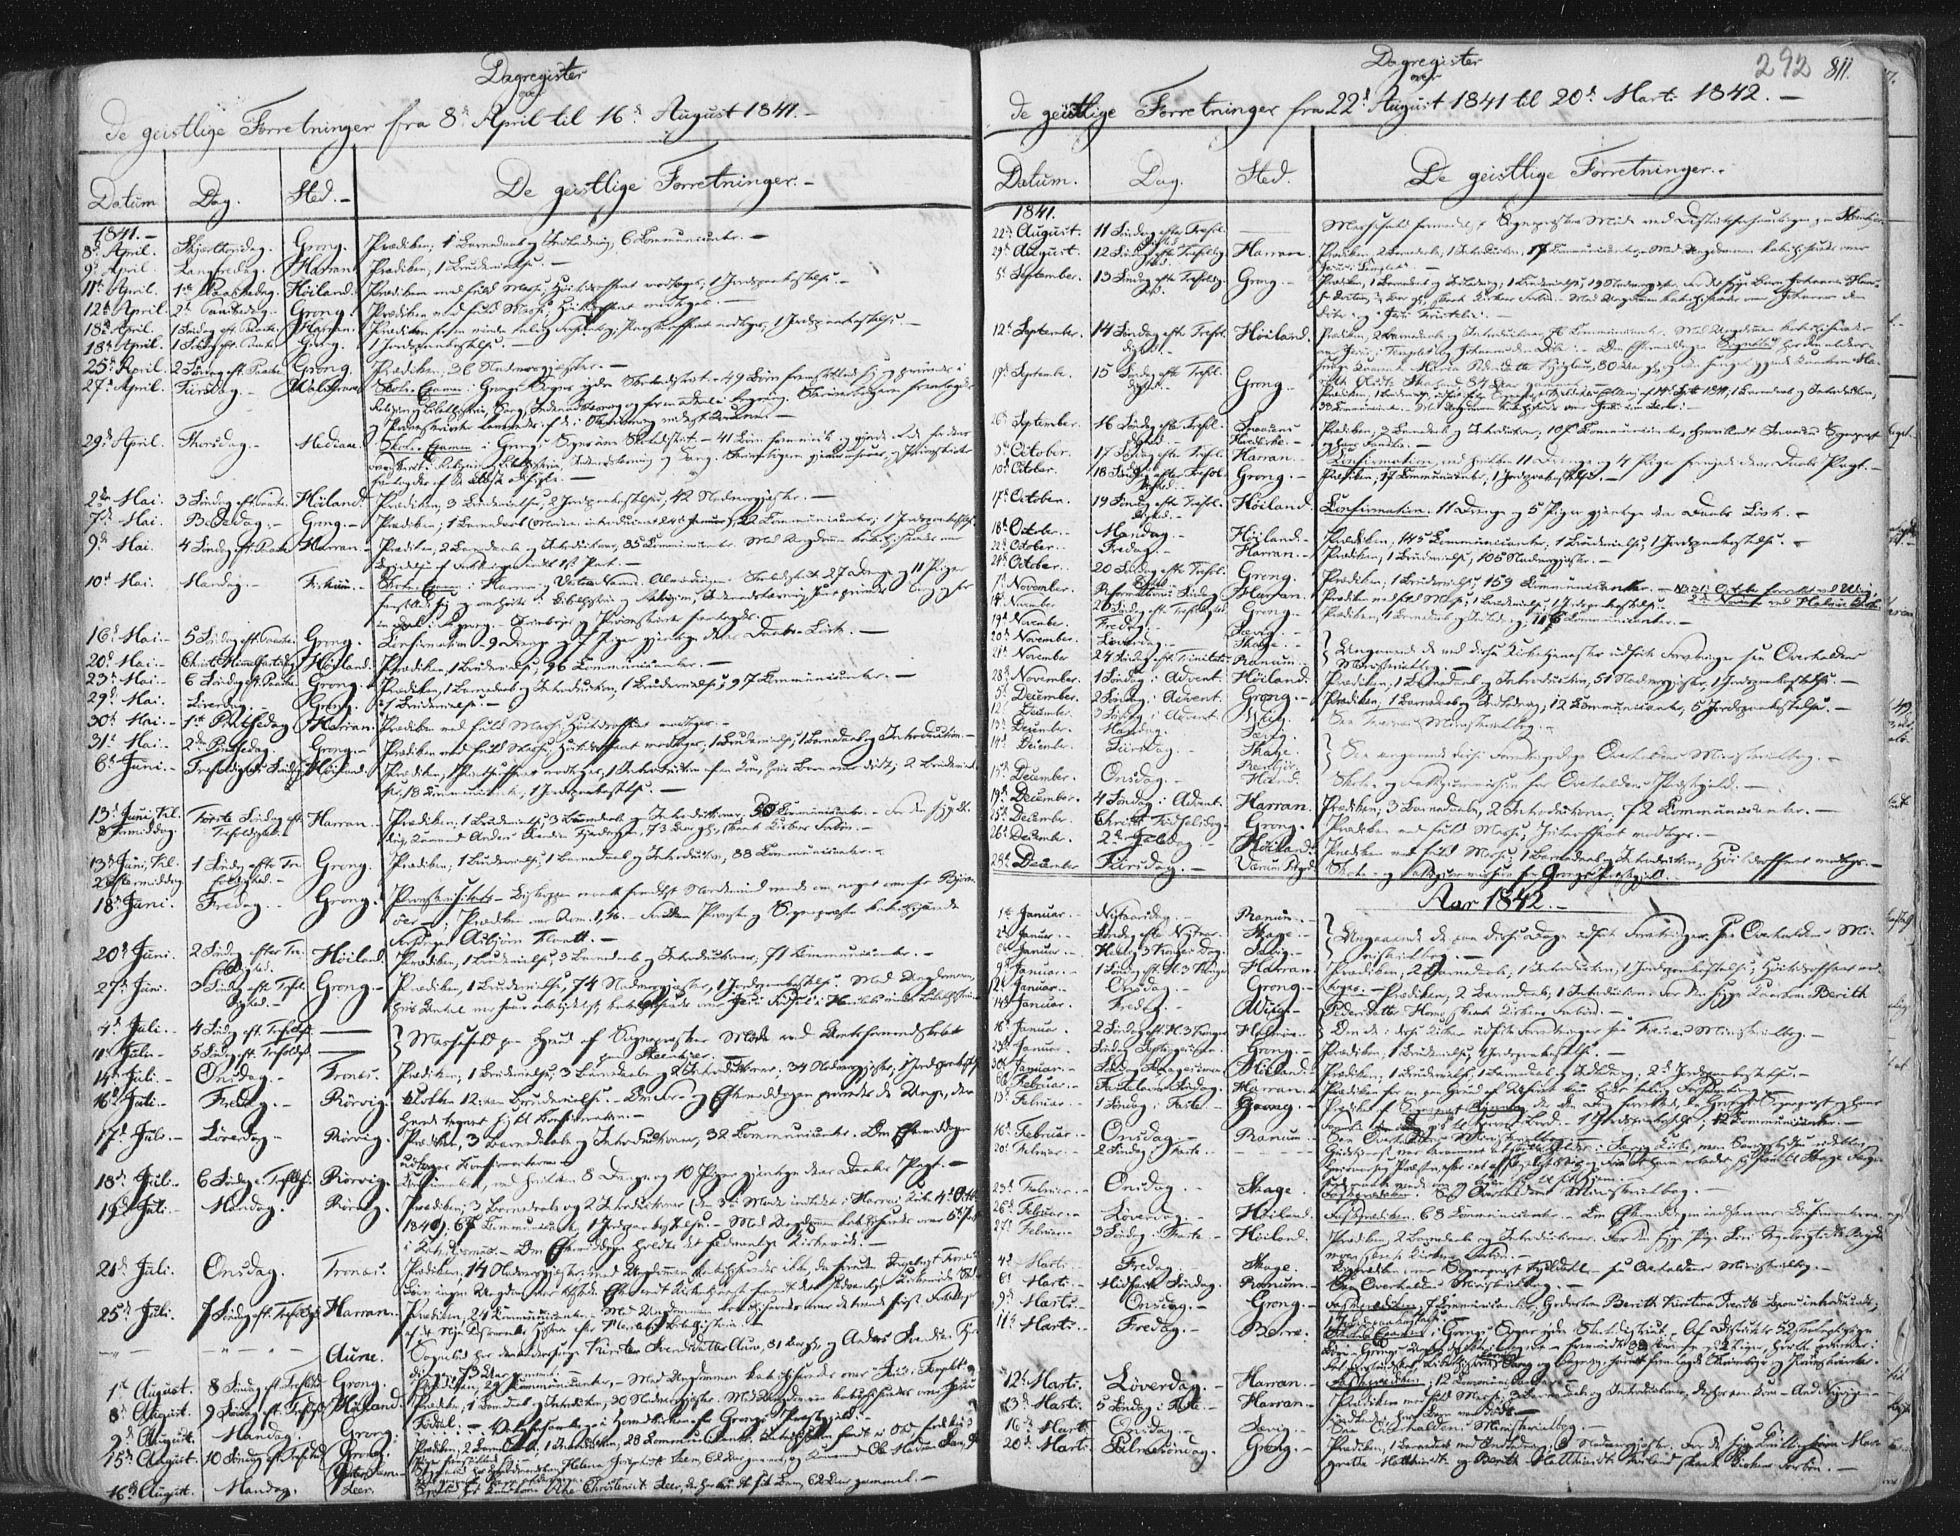 SAT, Ministerialprotokoller, klokkerbøker og fødselsregistre - Nord-Trøndelag, 758/L0513: Ministerialbok nr. 758A02 /1, 1839-1868, s. 292